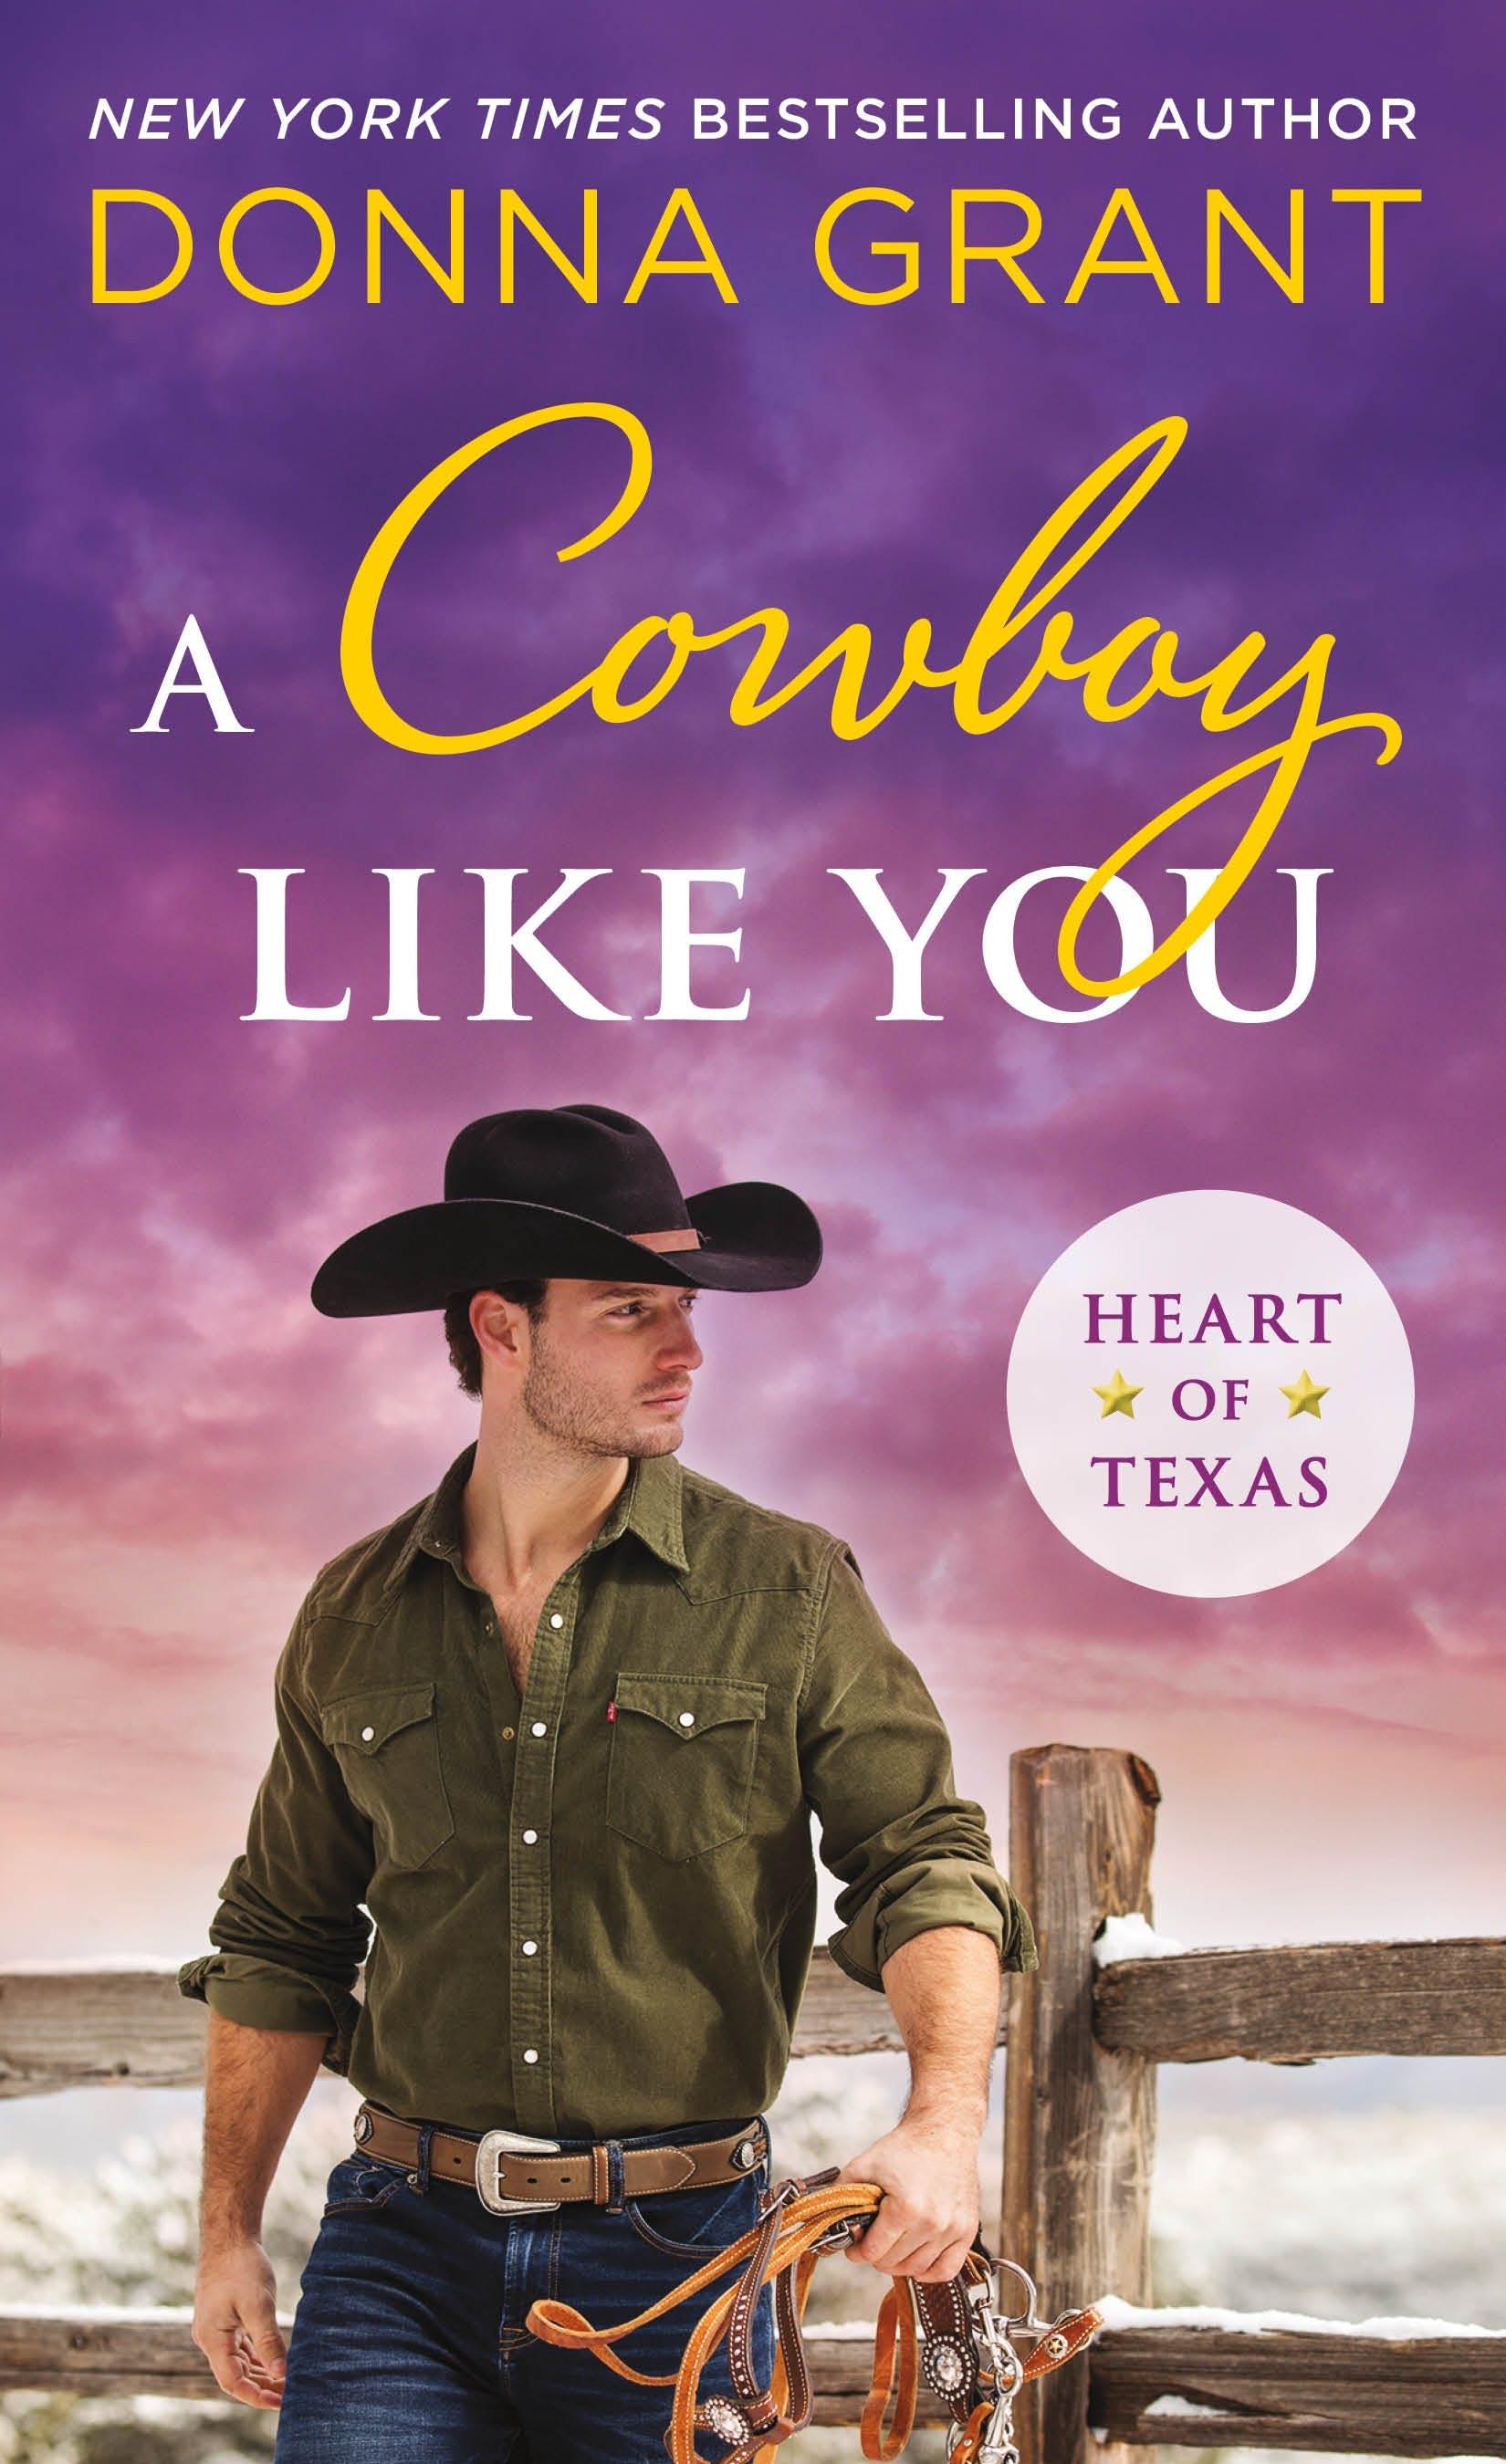 Image of A Cowboy Like You